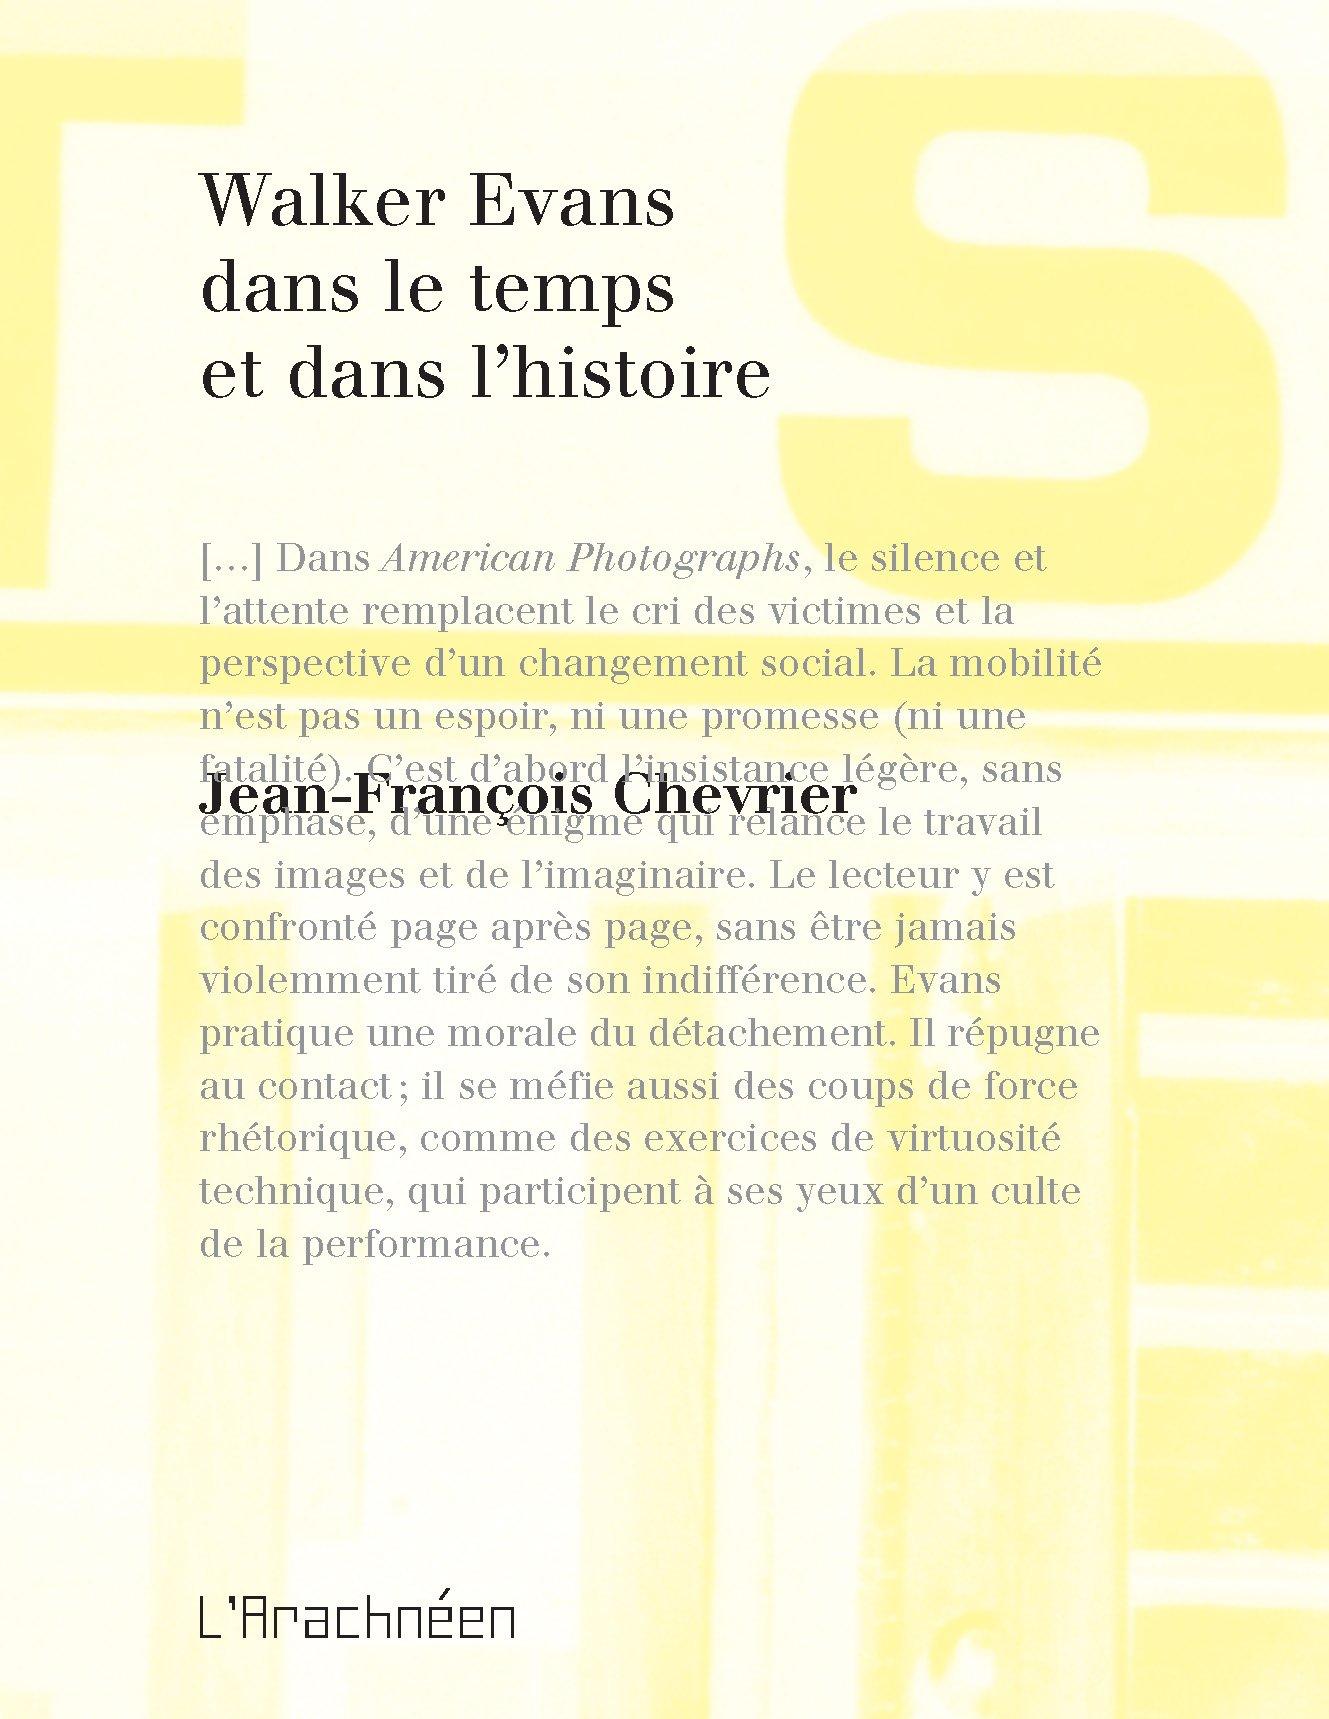 Image of Walker Evans dans le temps et dans l'histoire Jean-François Chevrier